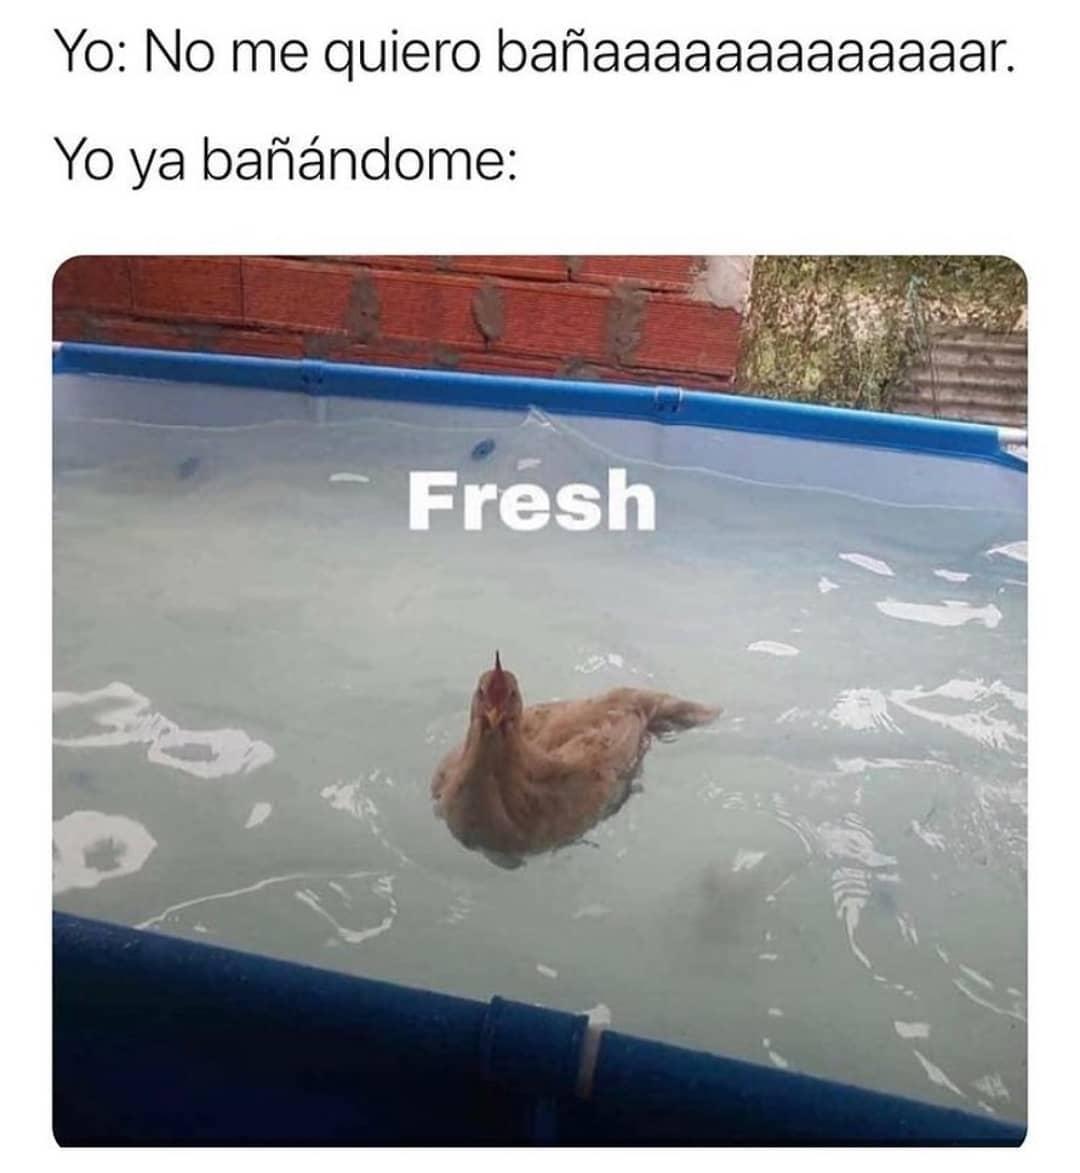 Yo: No me quiero bañaaaaaaaaaaaaac.  Yo ya bañándome: Fresh.